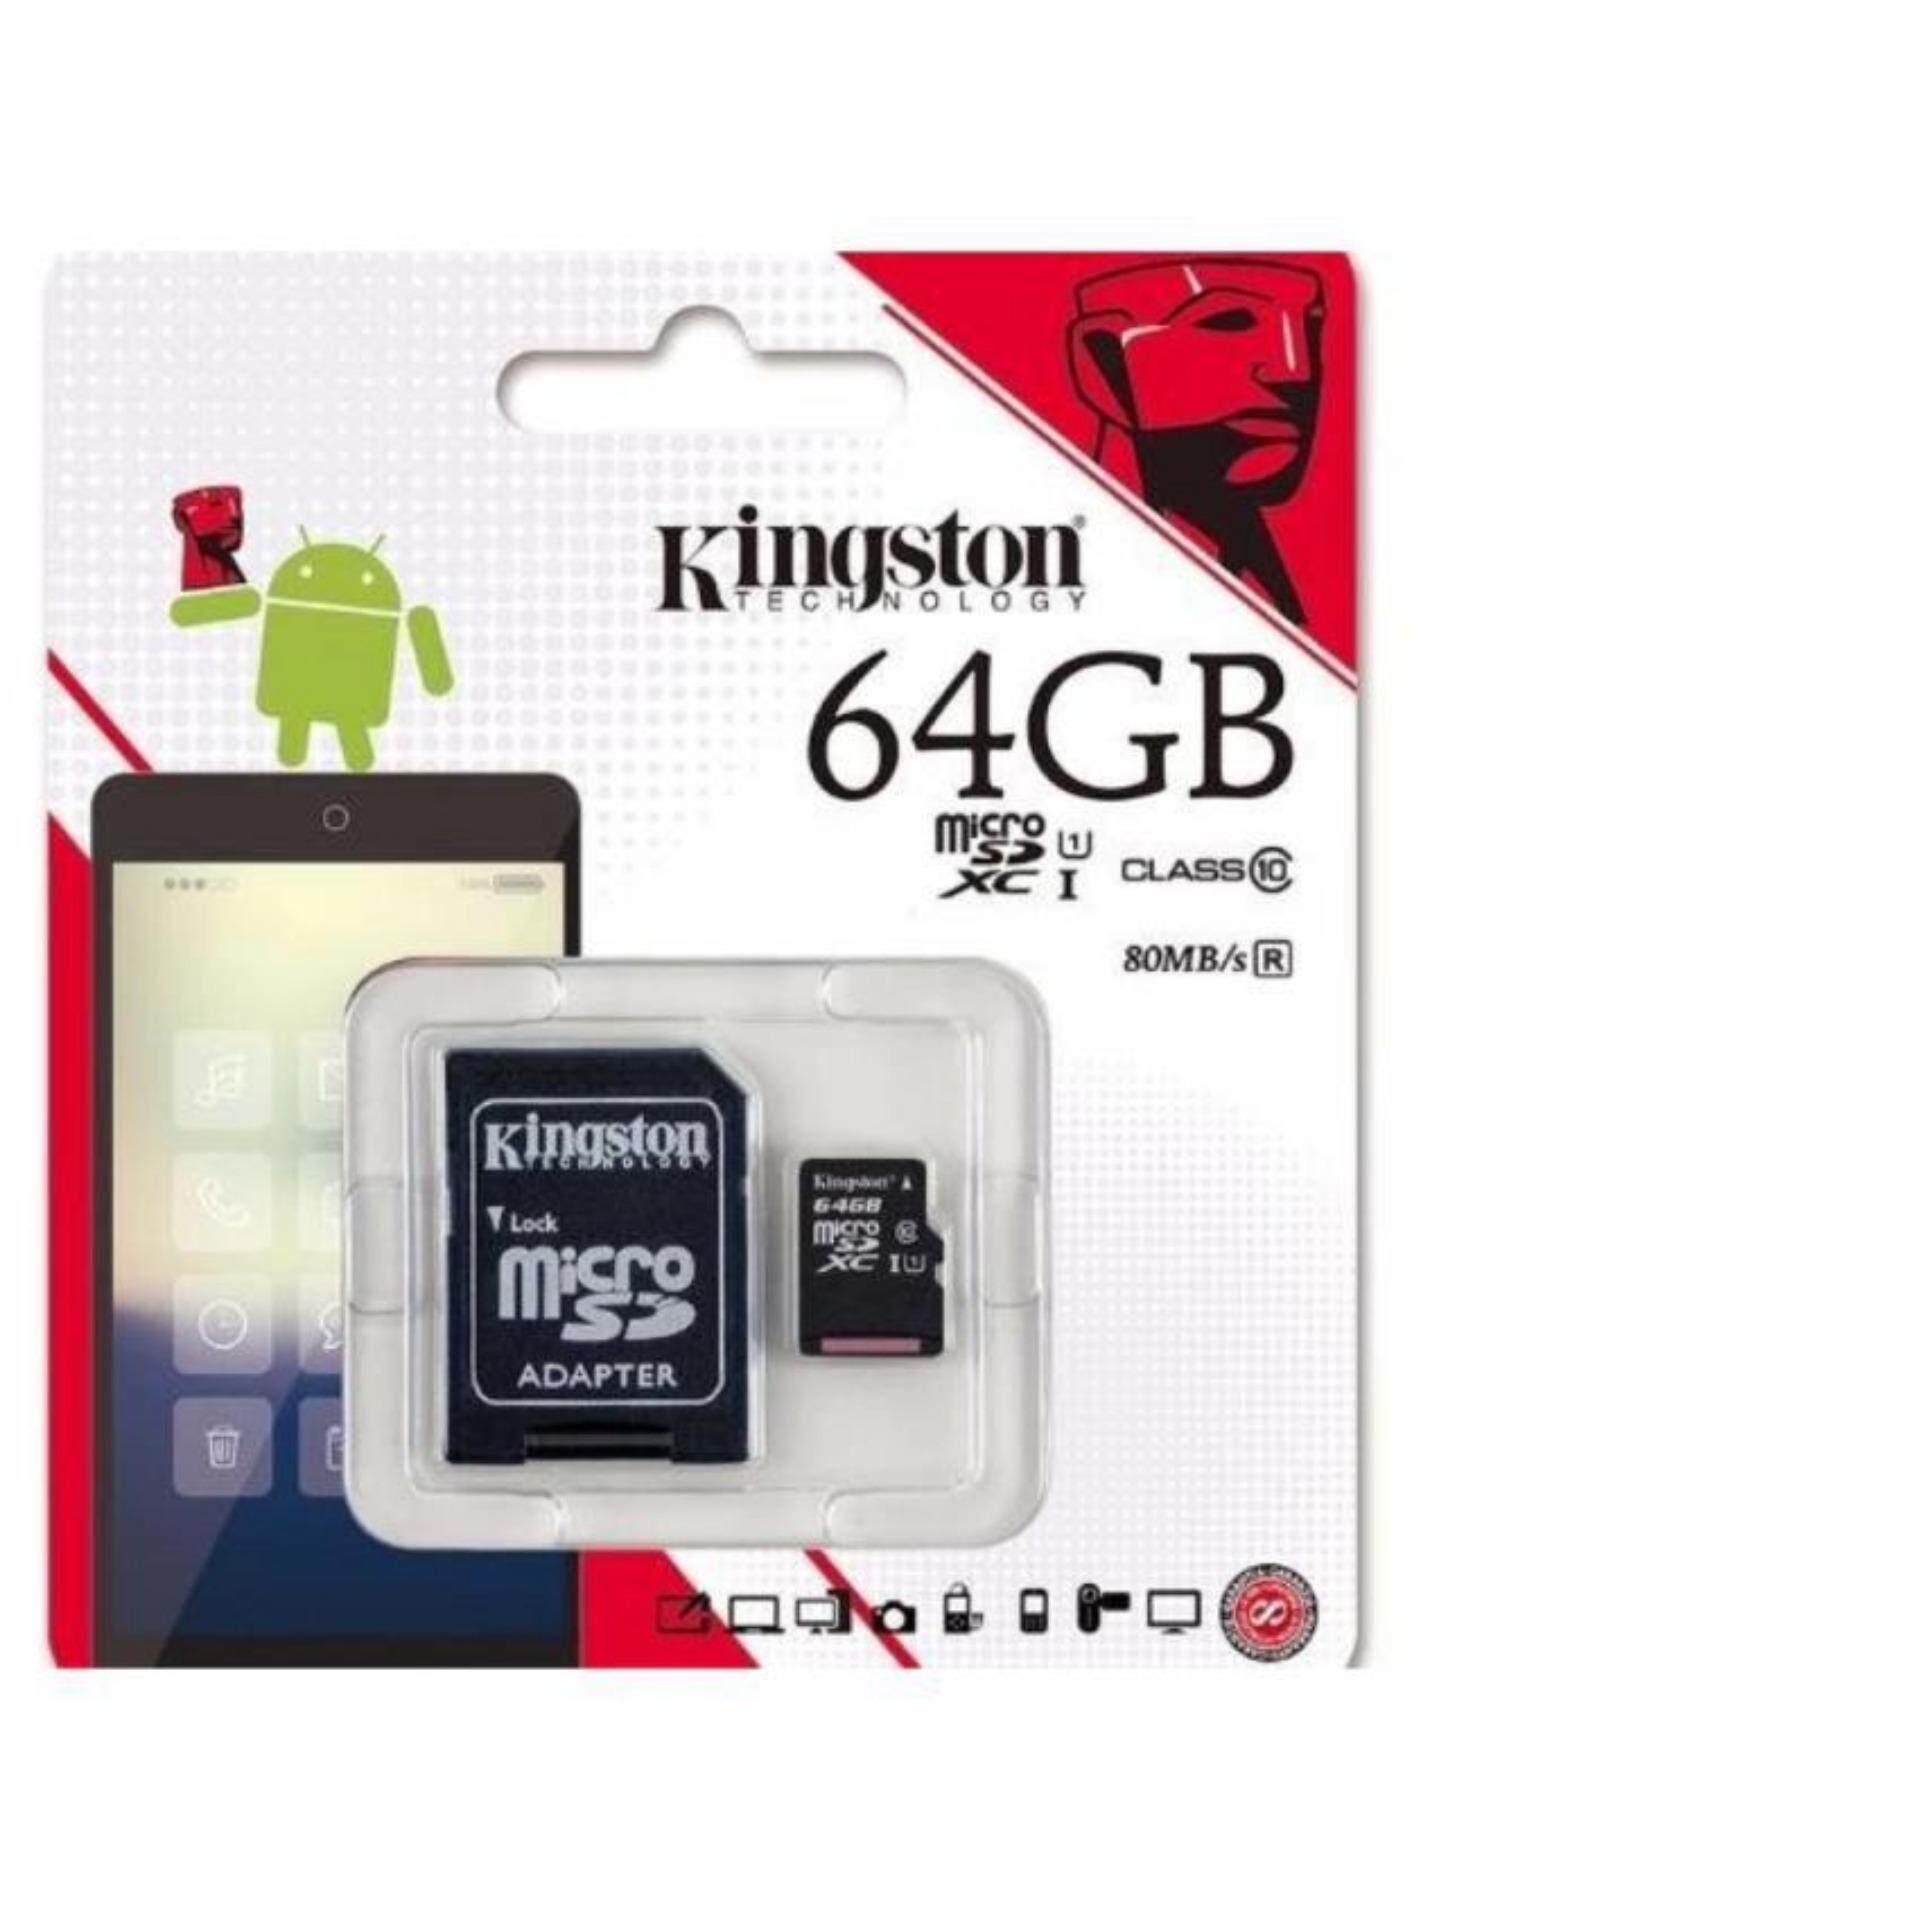 สุดยอดสินค้า!! SD Card Micro SDHC/SDXC 64 GB Class 10  รับประกันของแท้ จัดส่งฟรี จัดส่งด่วน โดย Kerry Express